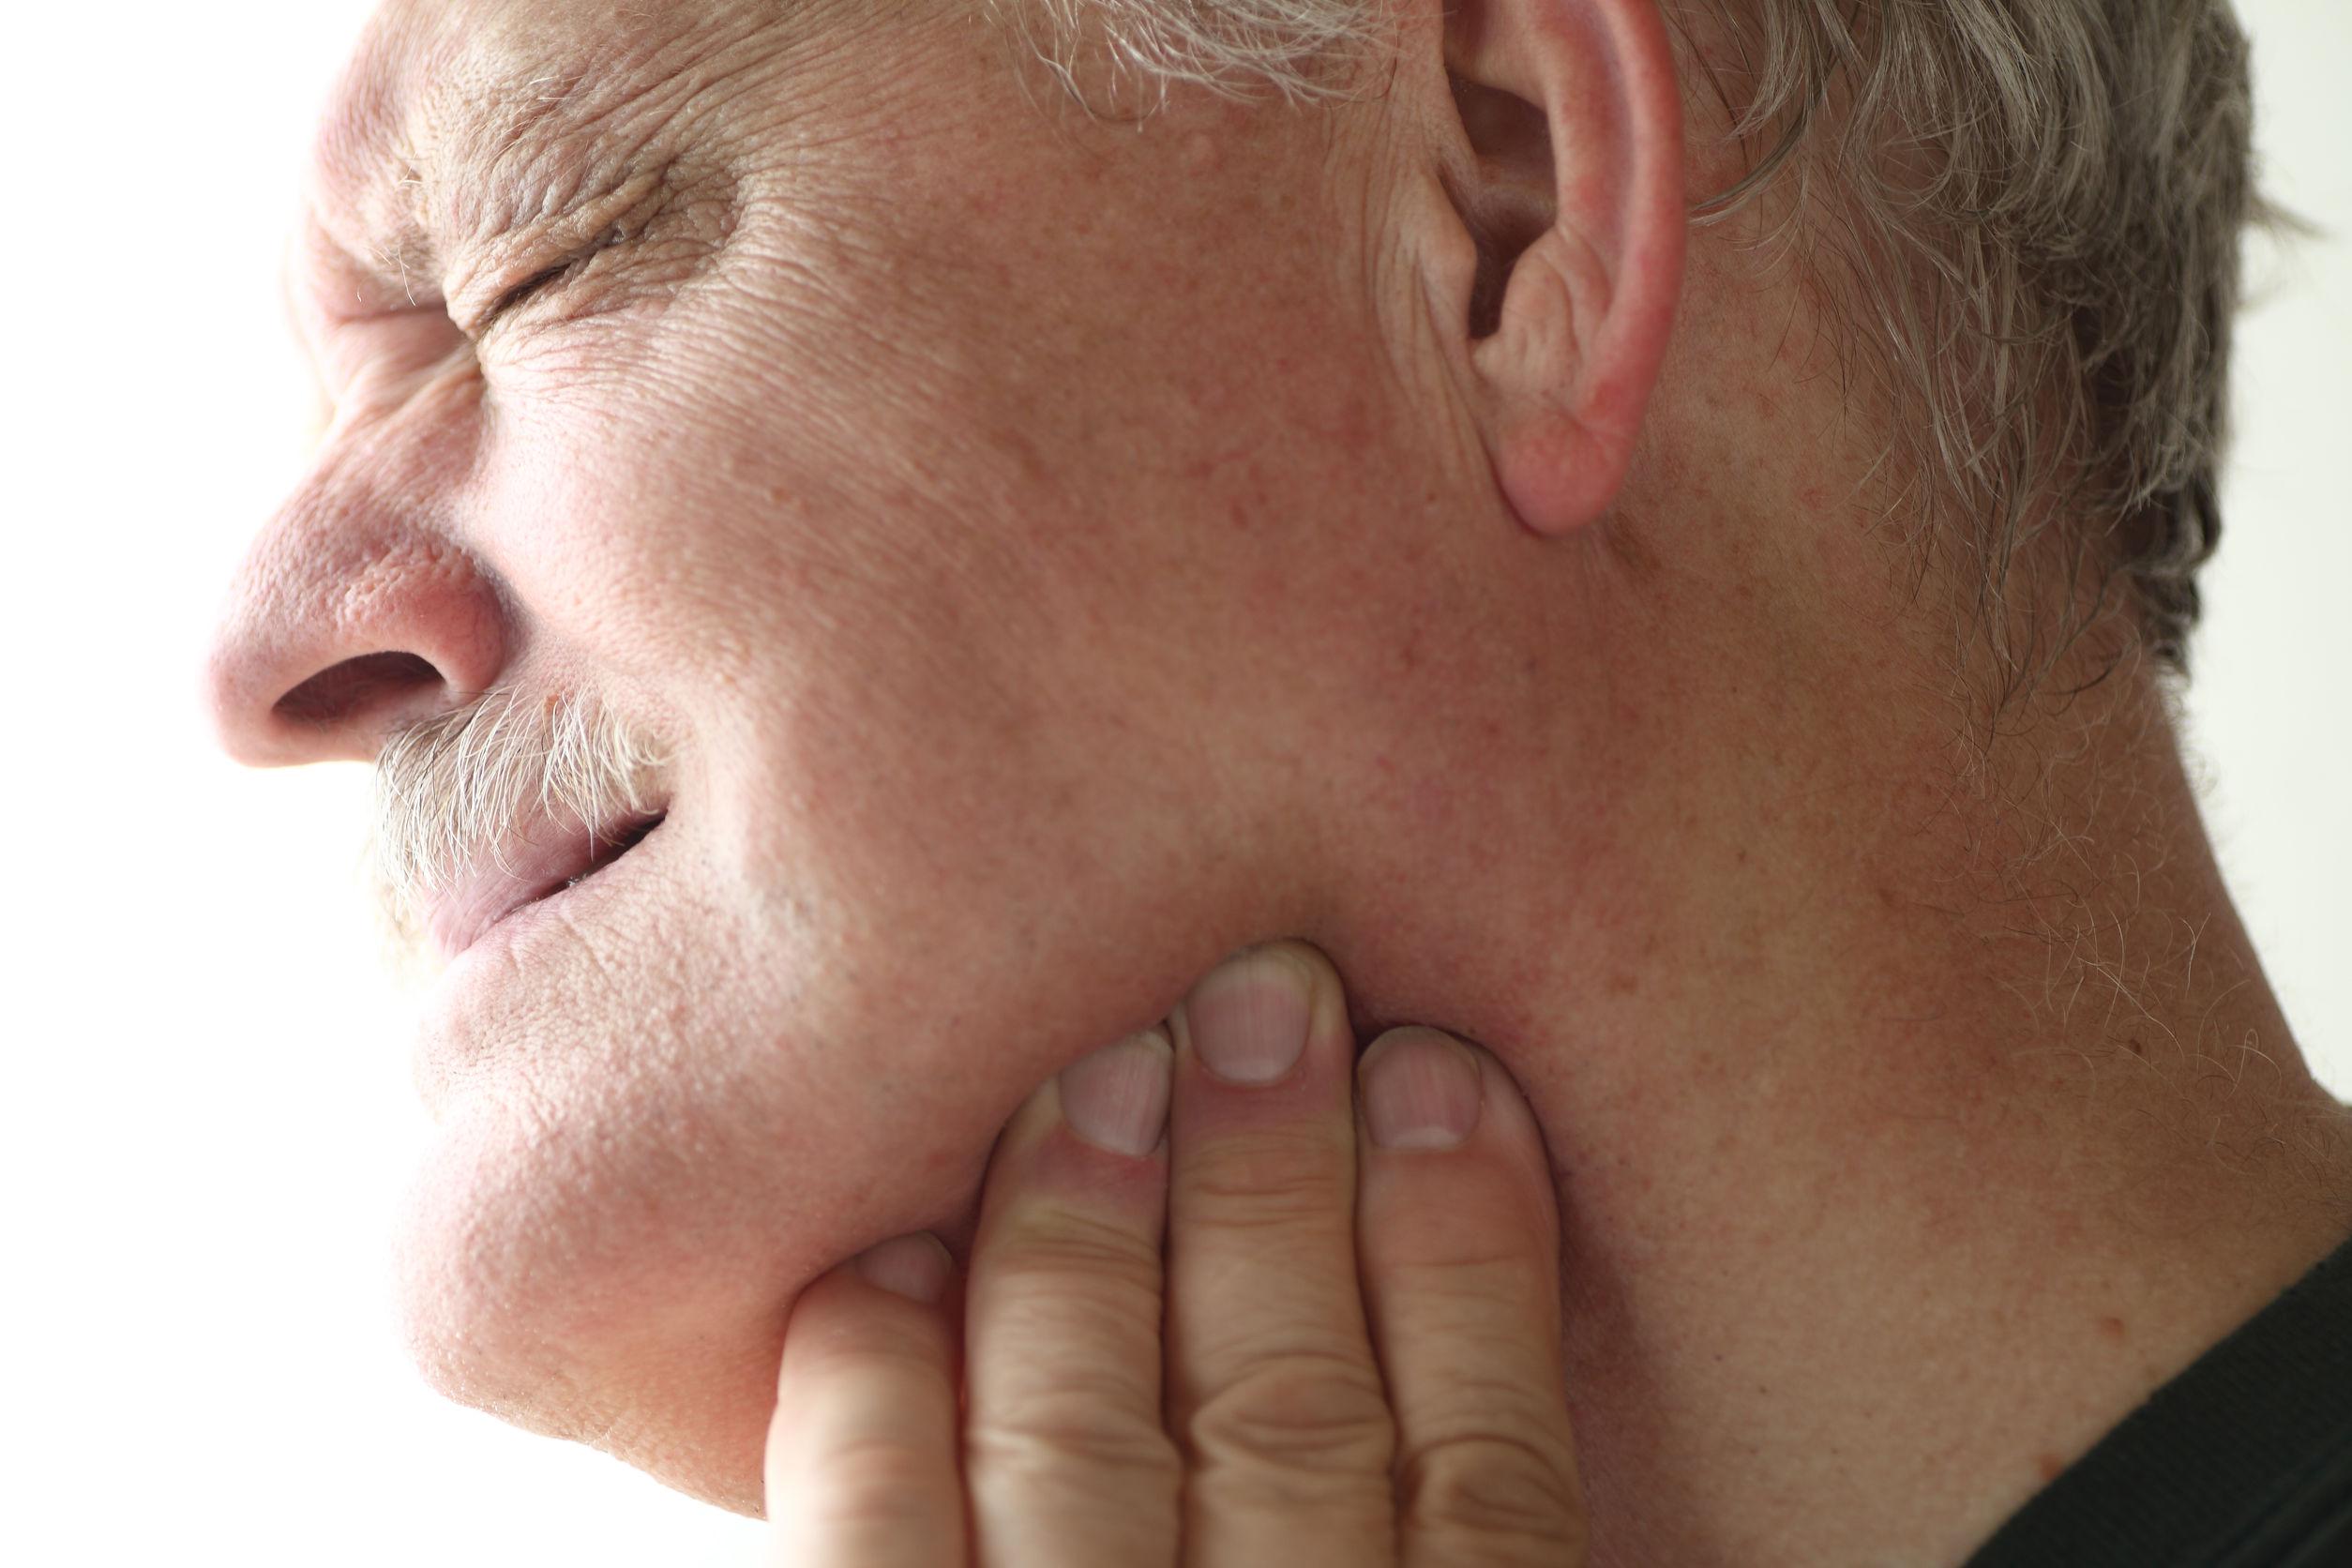 állkapocsízületi megbetegedések - HerbaDENT Biológiai és Lézerfogászat